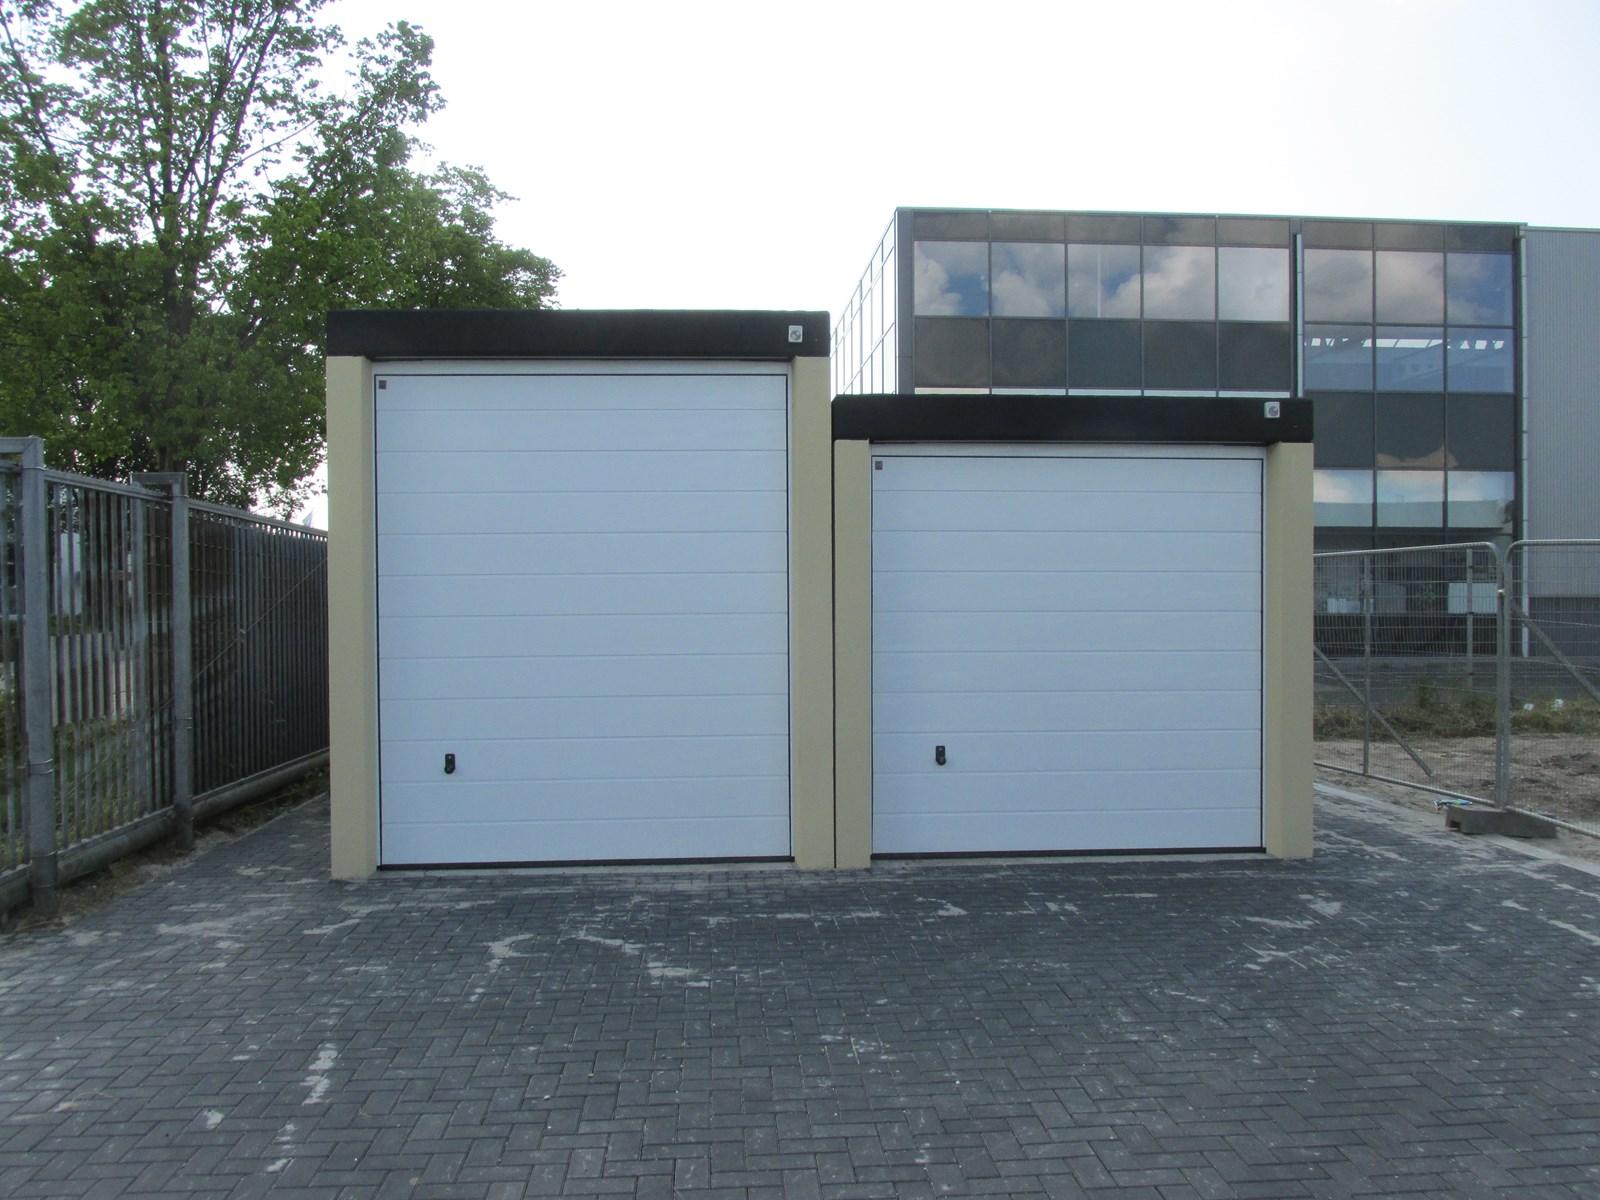 Garagepark purmerend 2 demo zakelijke garageboxen ren for Mobiel te koop